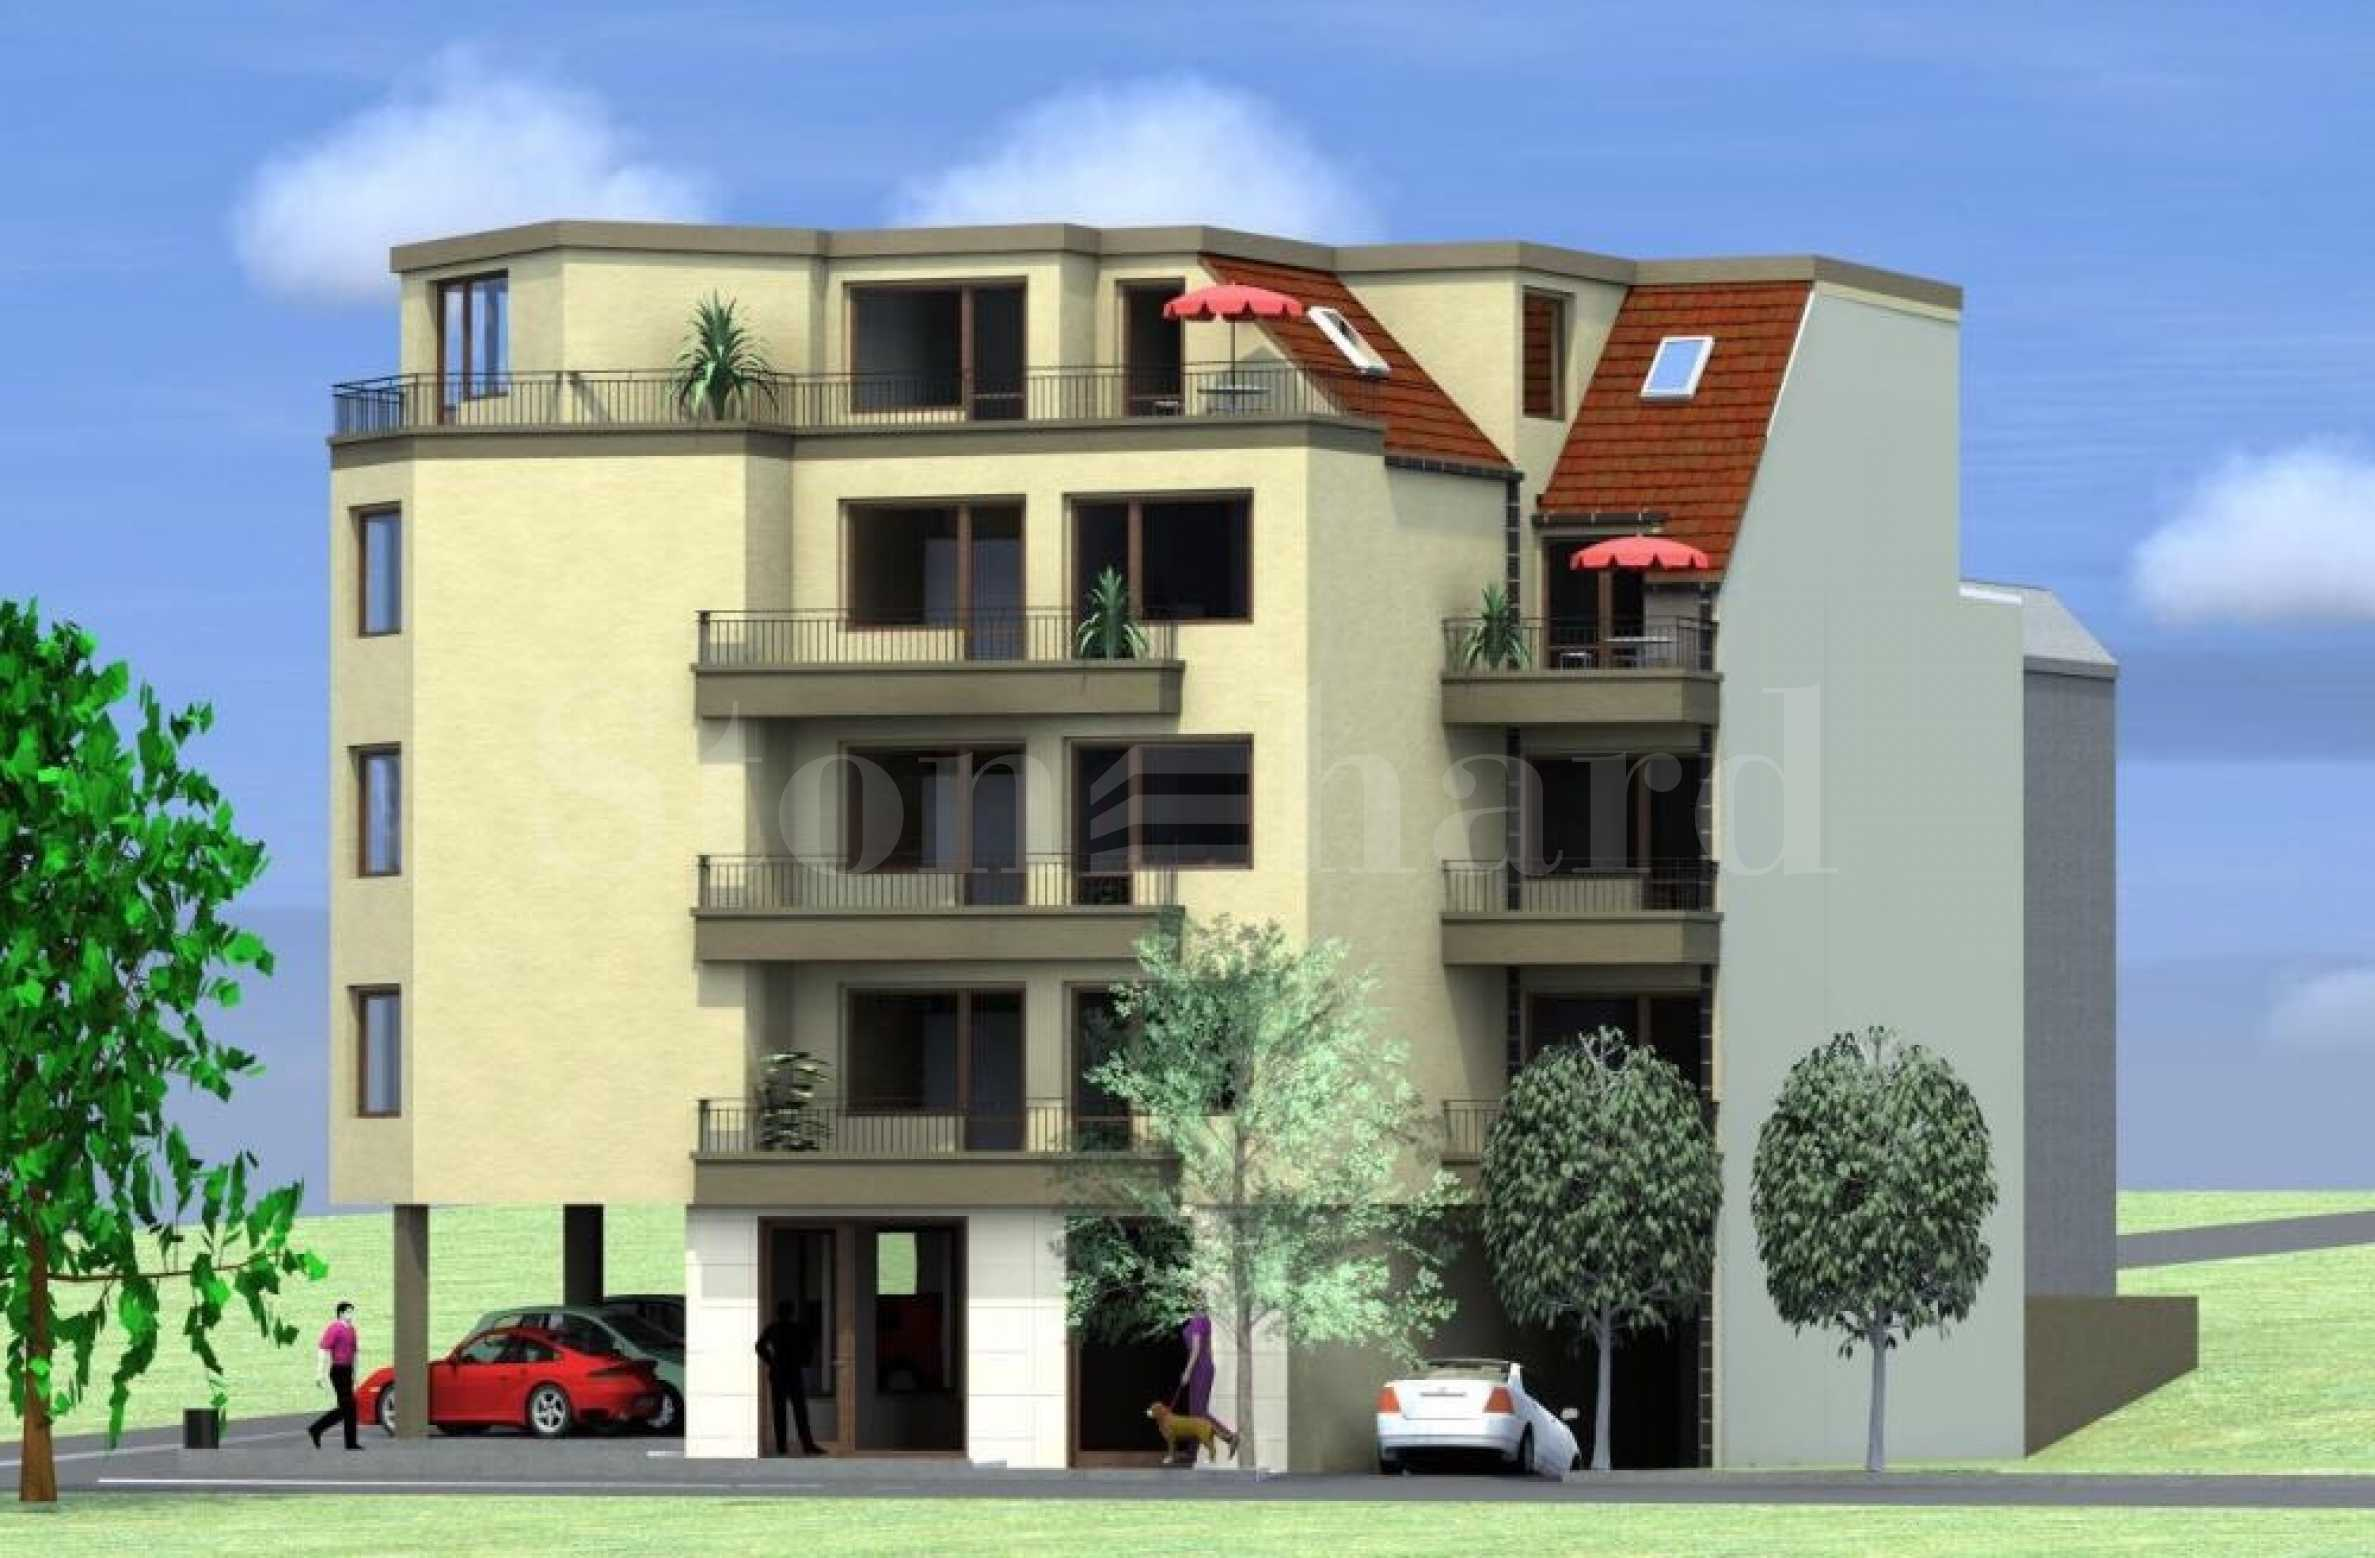 Атрактивни предложения за апартаменти ново строителство в кв. Аспарухово2 - Stonehard